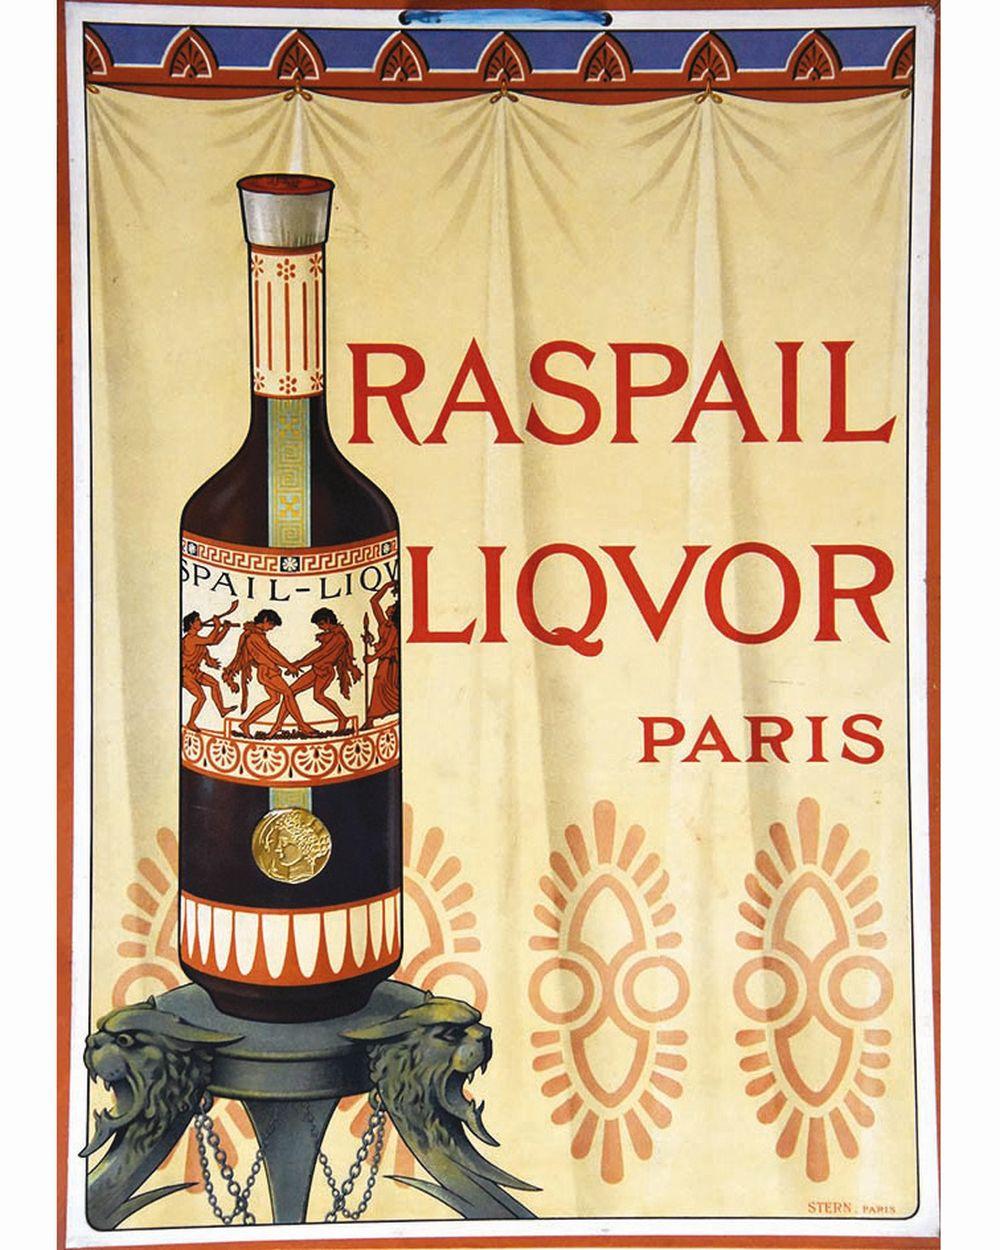 Raspail Liquor     vers 1920  Paris